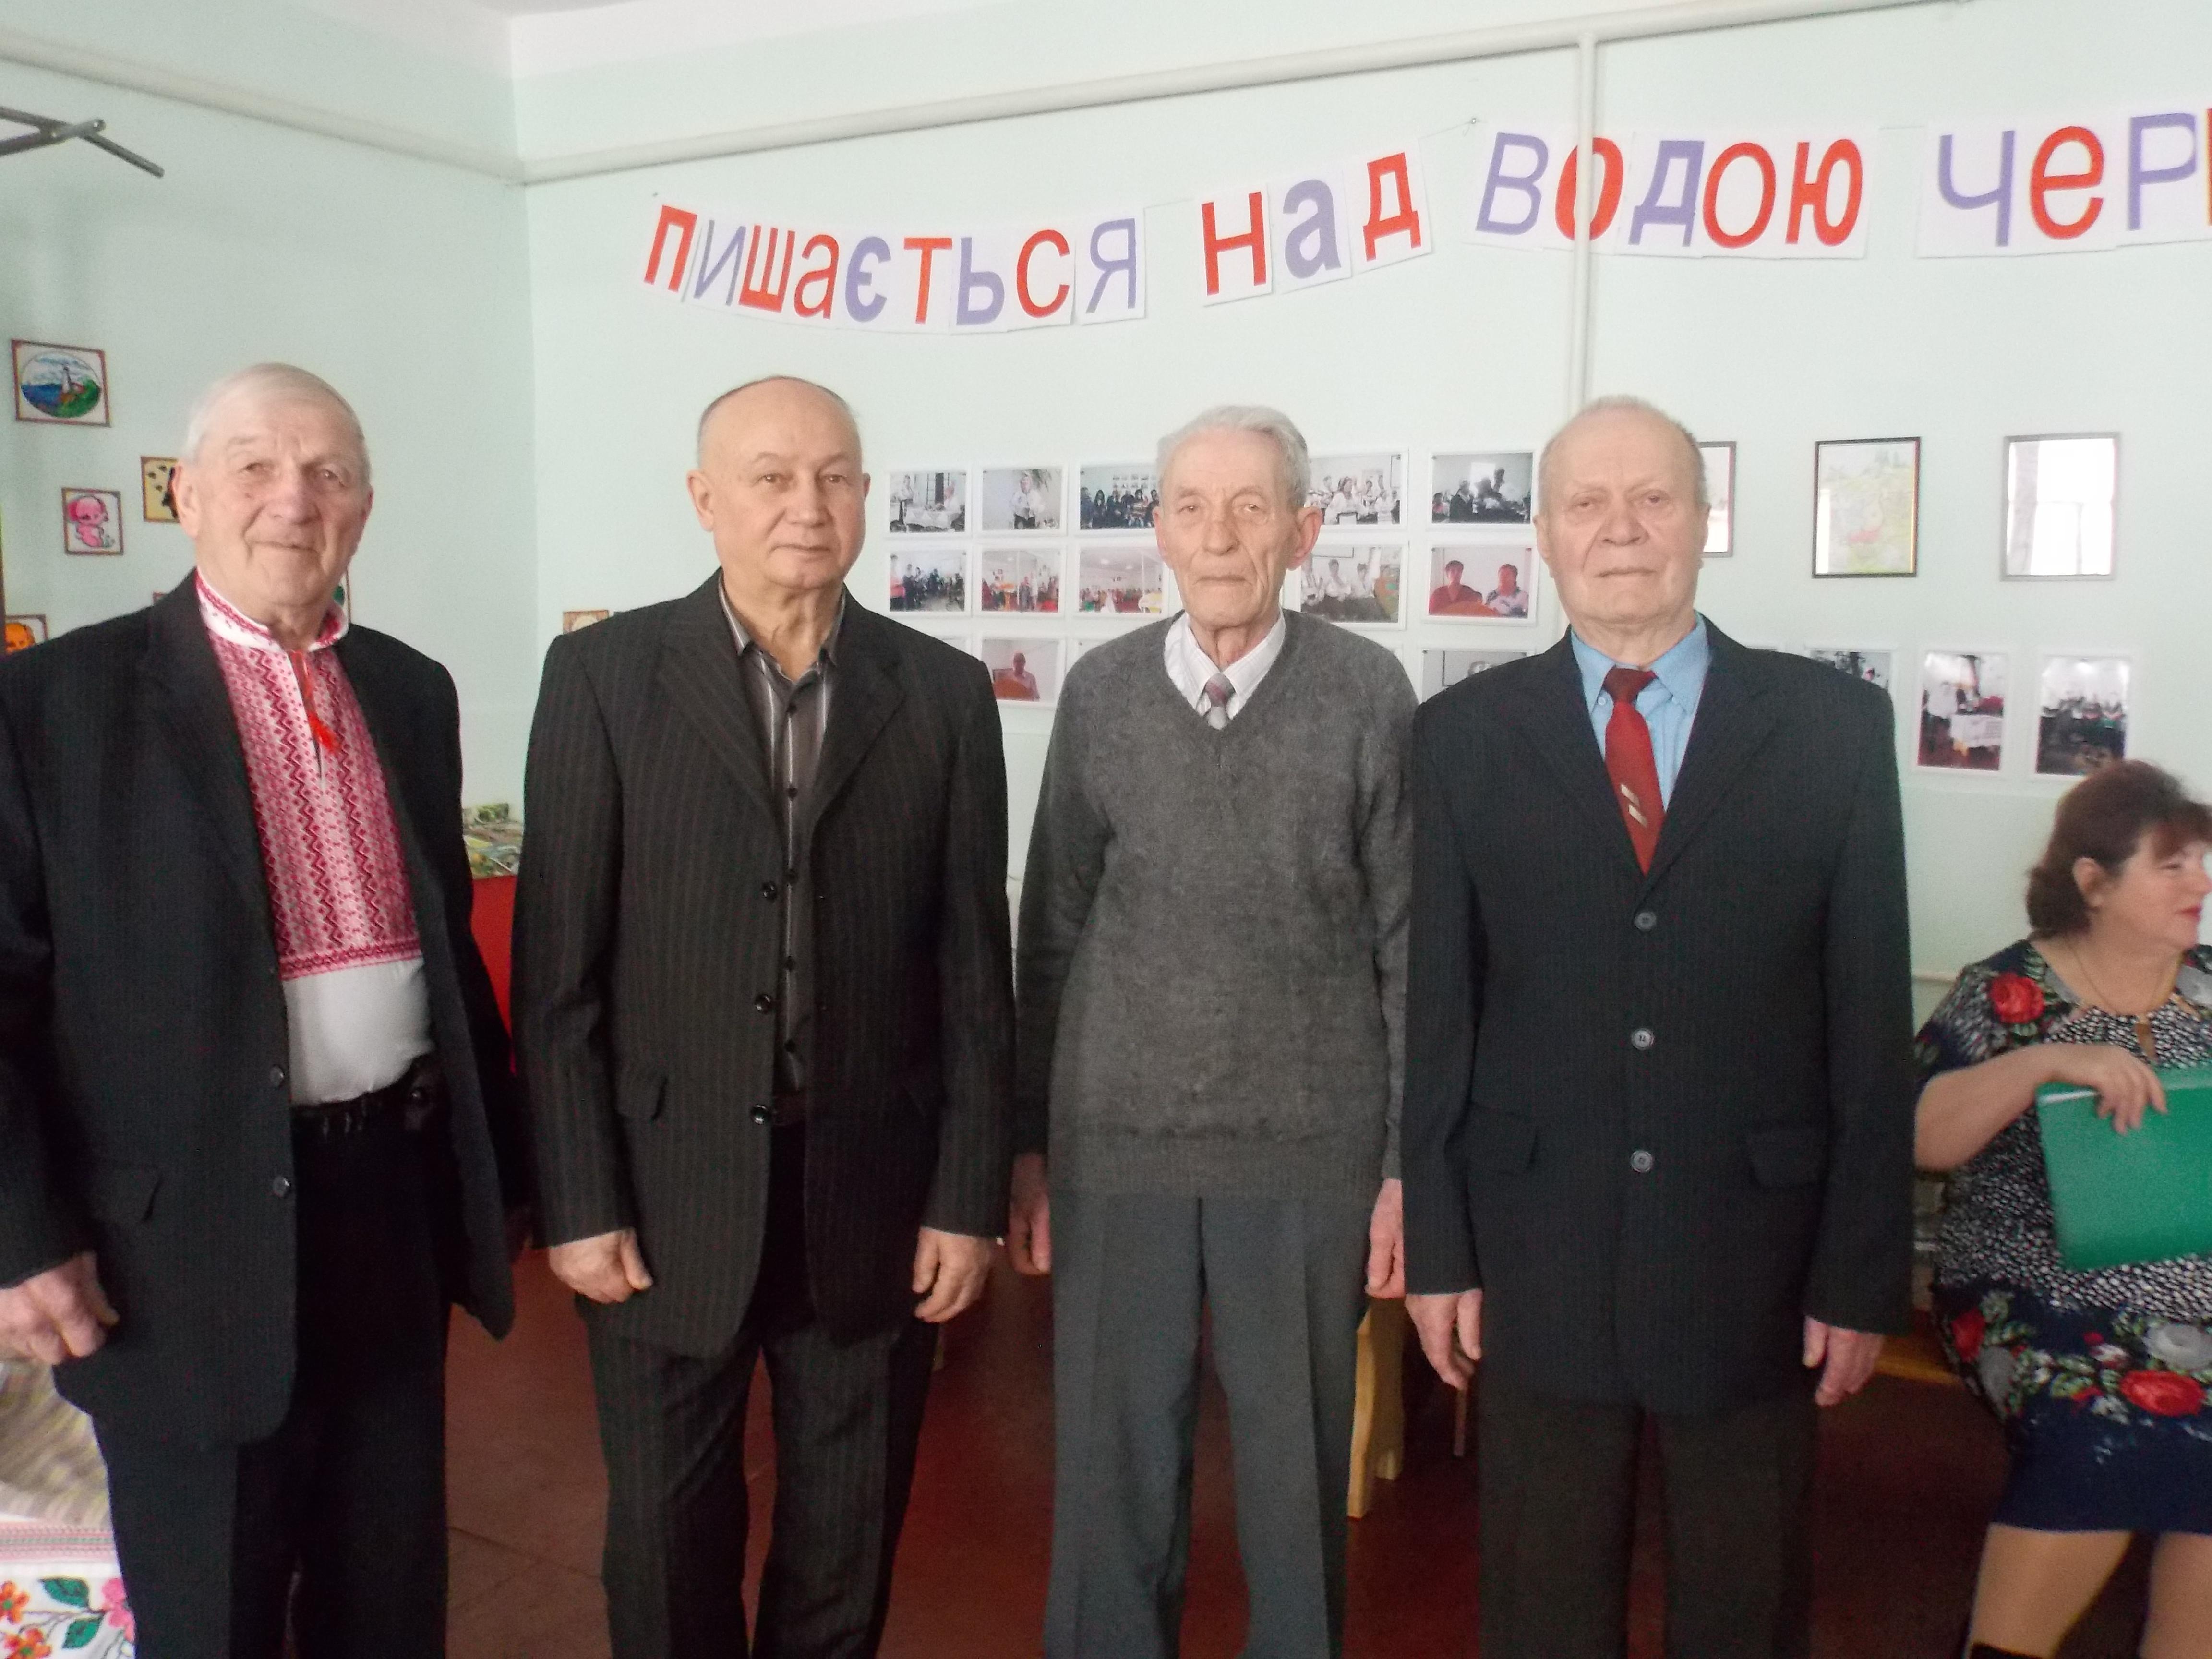 «Пишається над водою червона калина» – до 206-ї річниці від Дня народження Тараса Шевченка